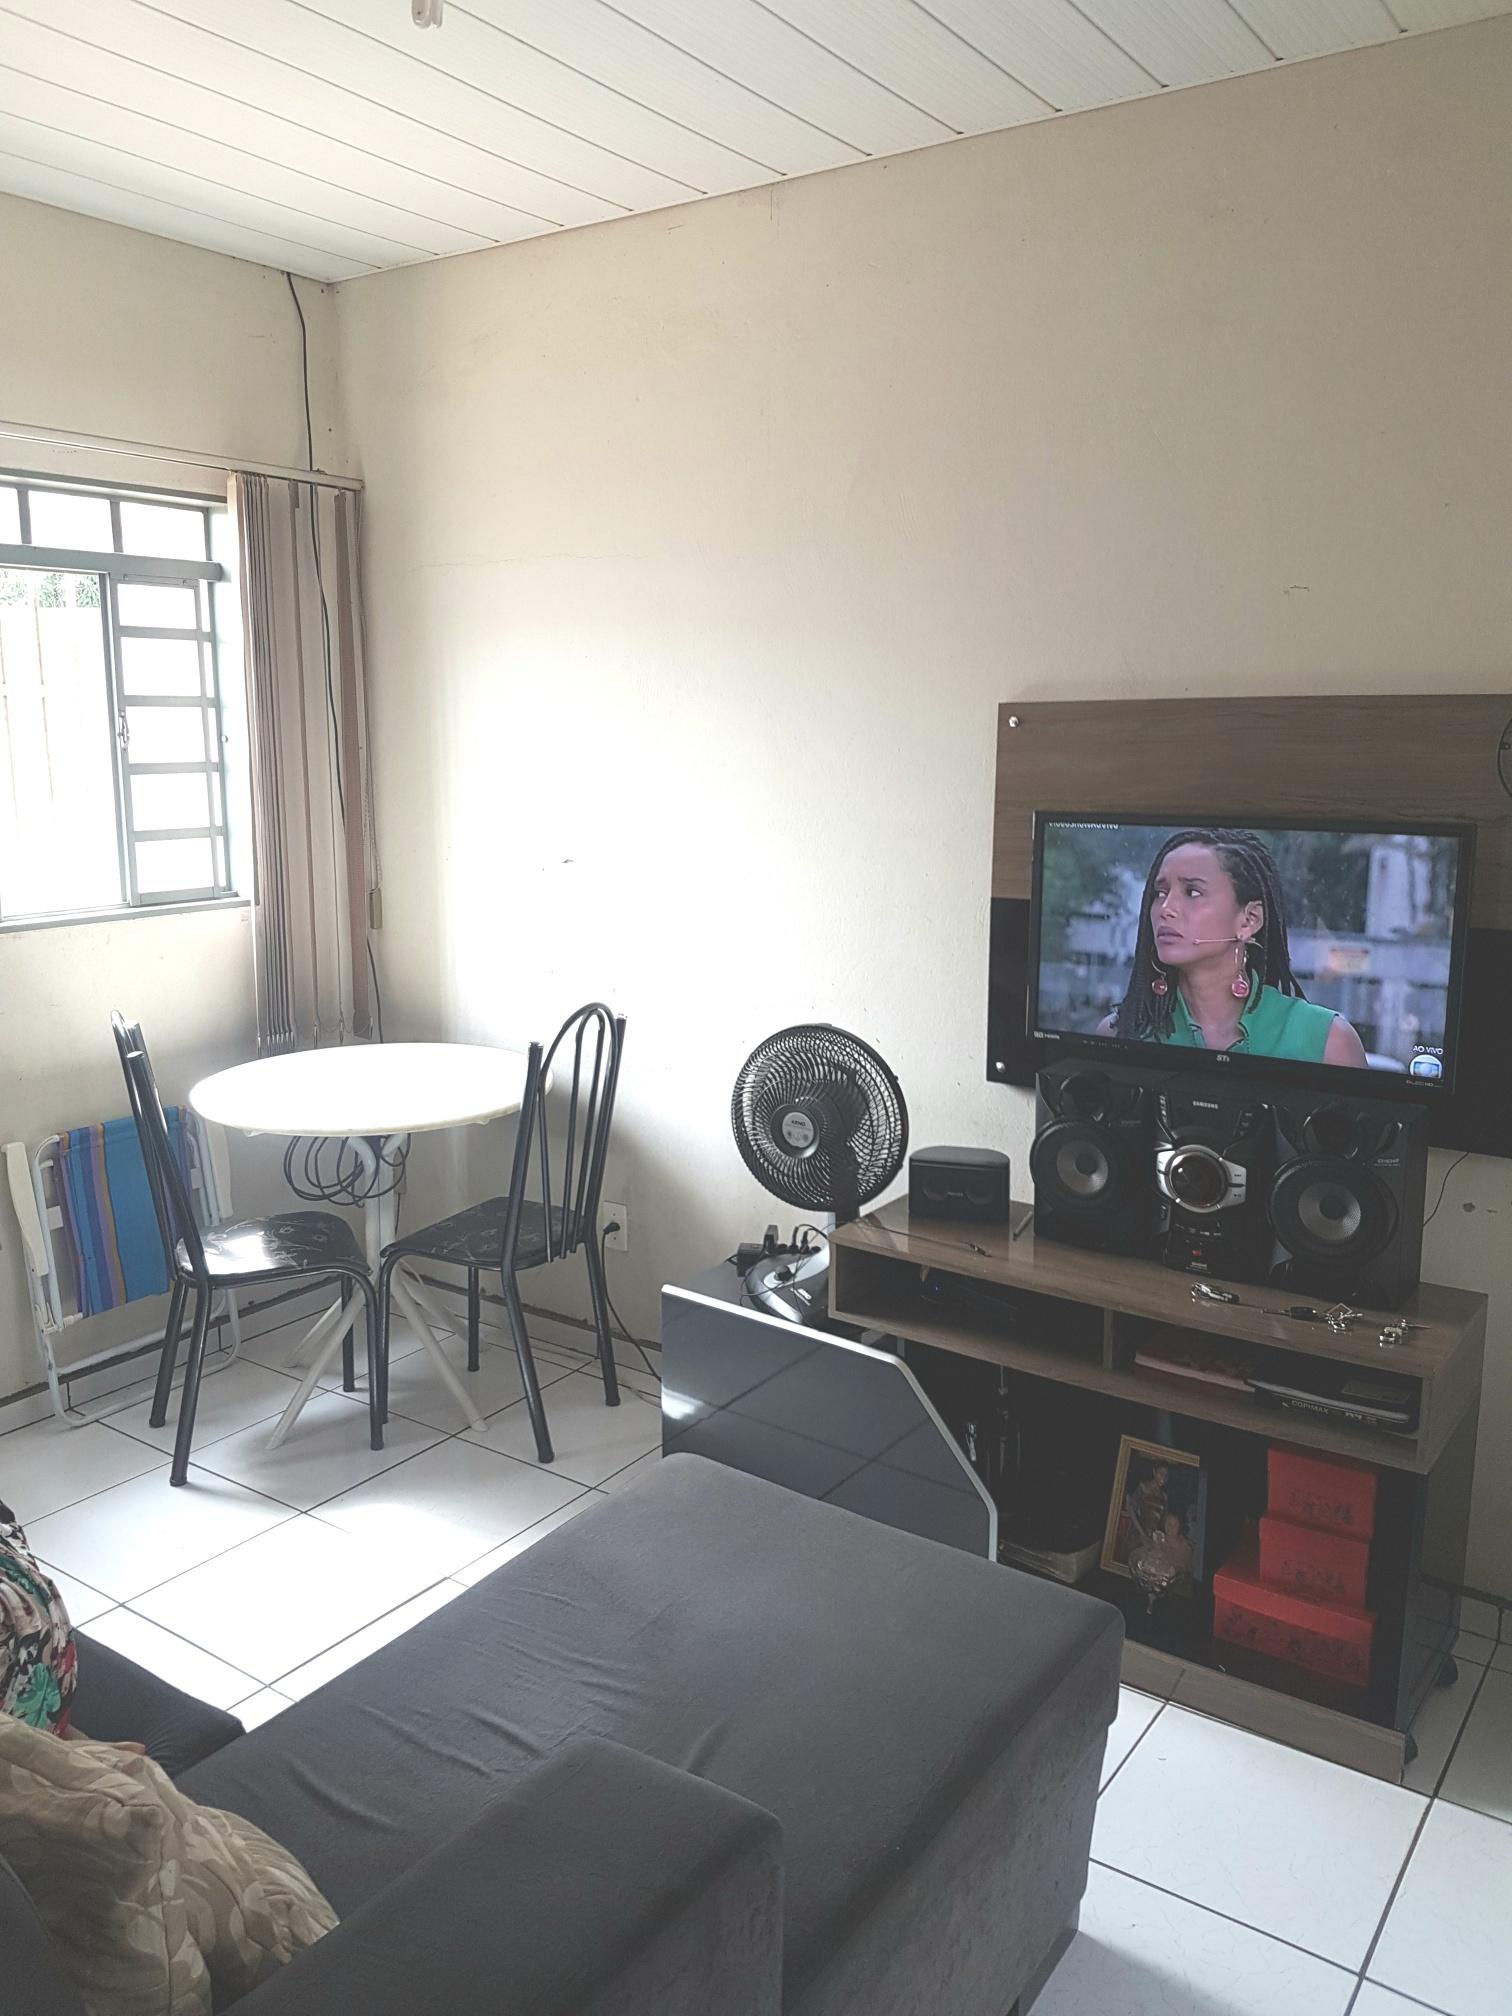 Casa  com 2 quartos sendo 1 Suíte no Residencial Salvador Costa Marques, Cuiabá  - MT